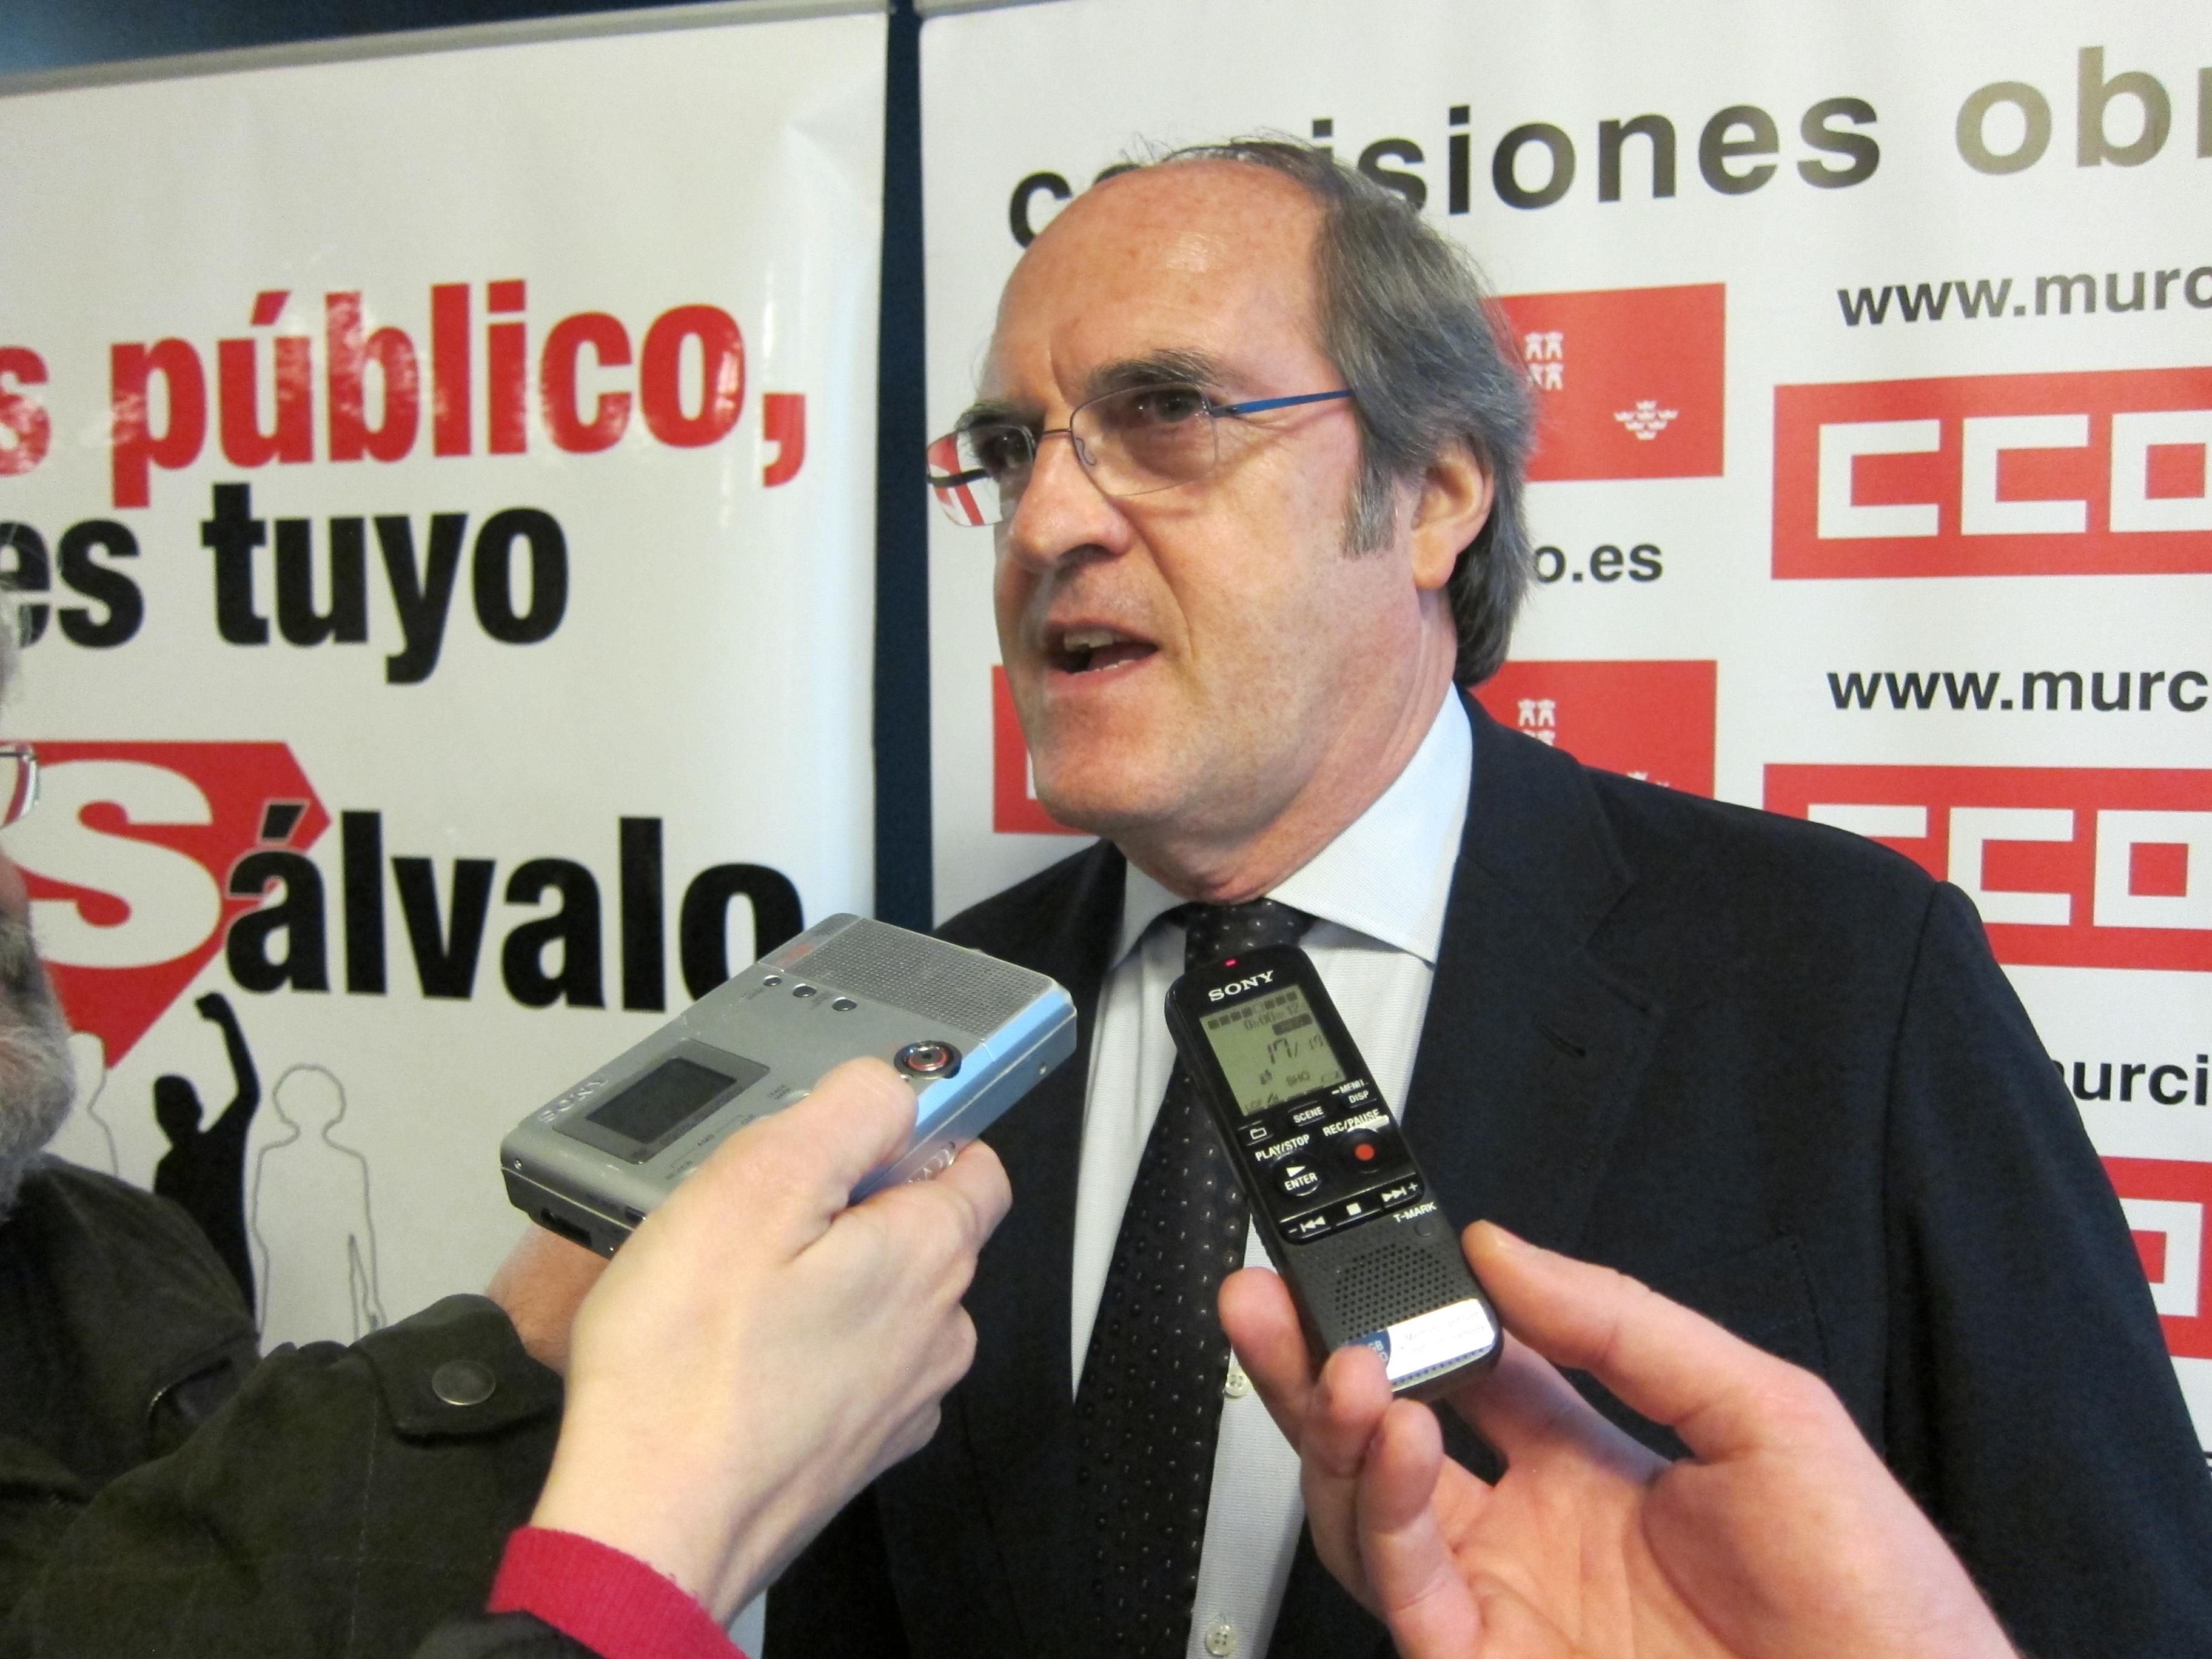 El ex mininistro Gabilondo afirma que lo público garantiza «la igualdad y equidad» frente a la «inequidad» de lo privado